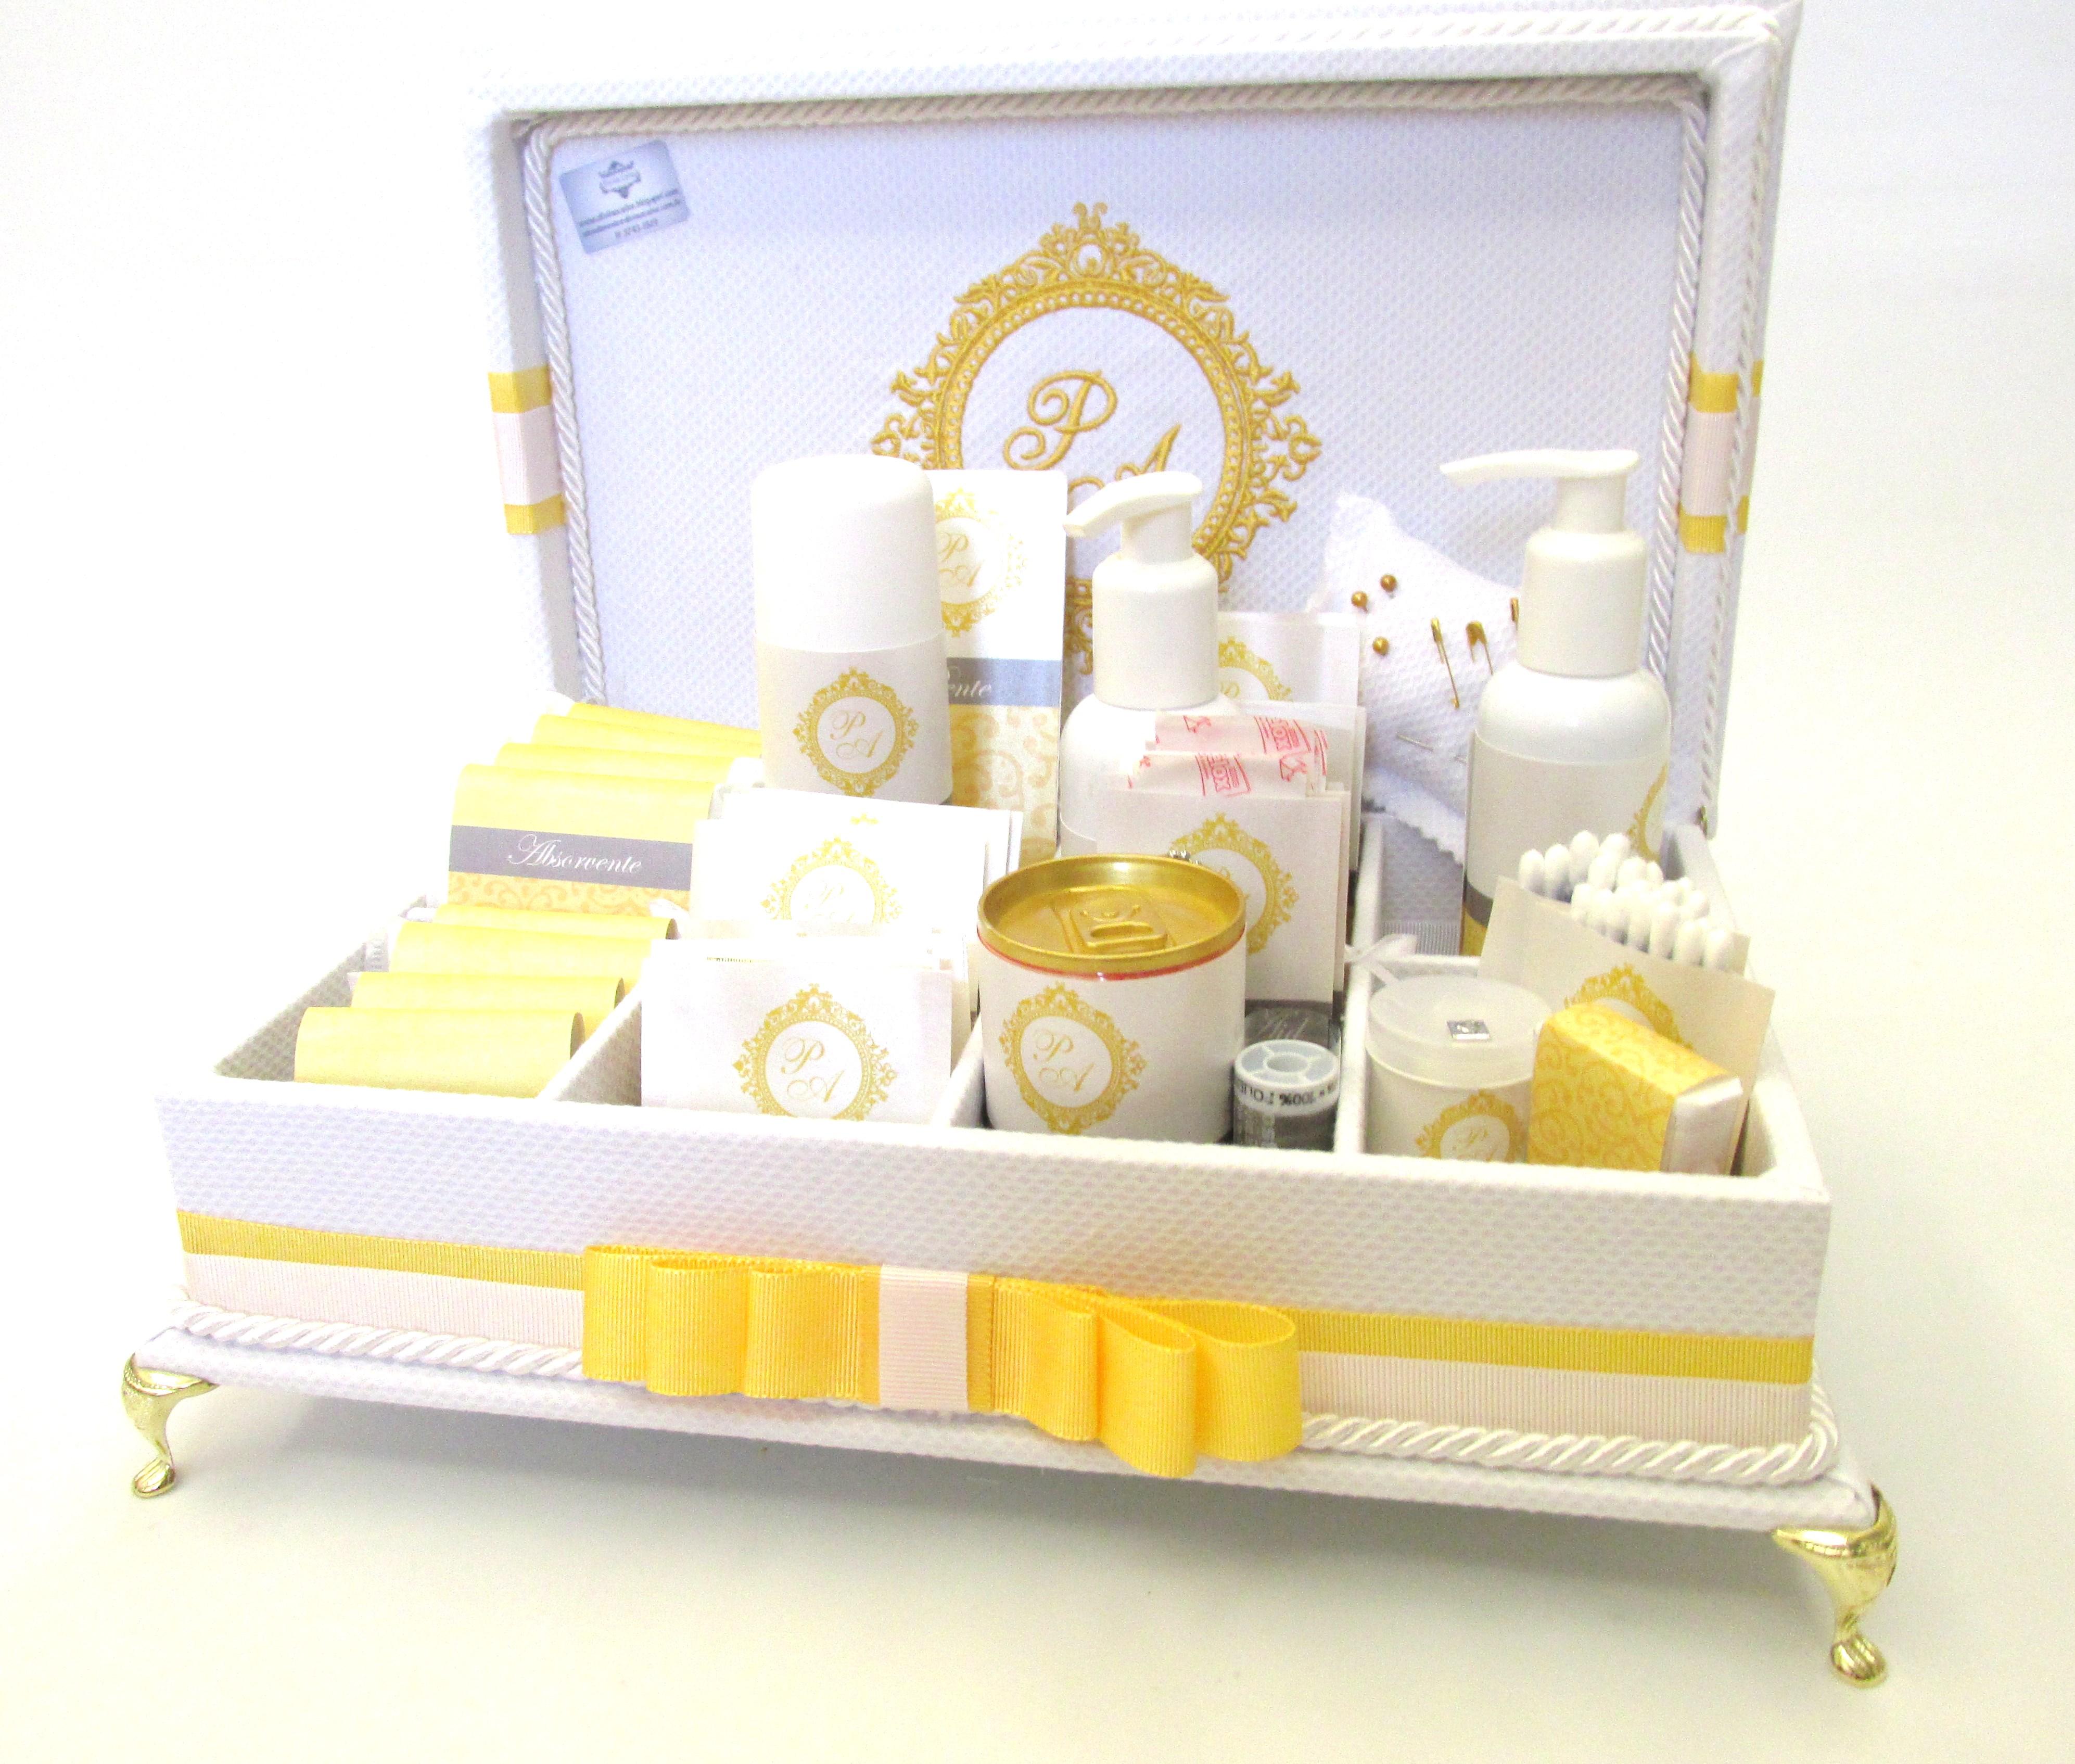 kit banheiro para casamento banheiro kit banheiro para casamento festa #B89413 3987 3389